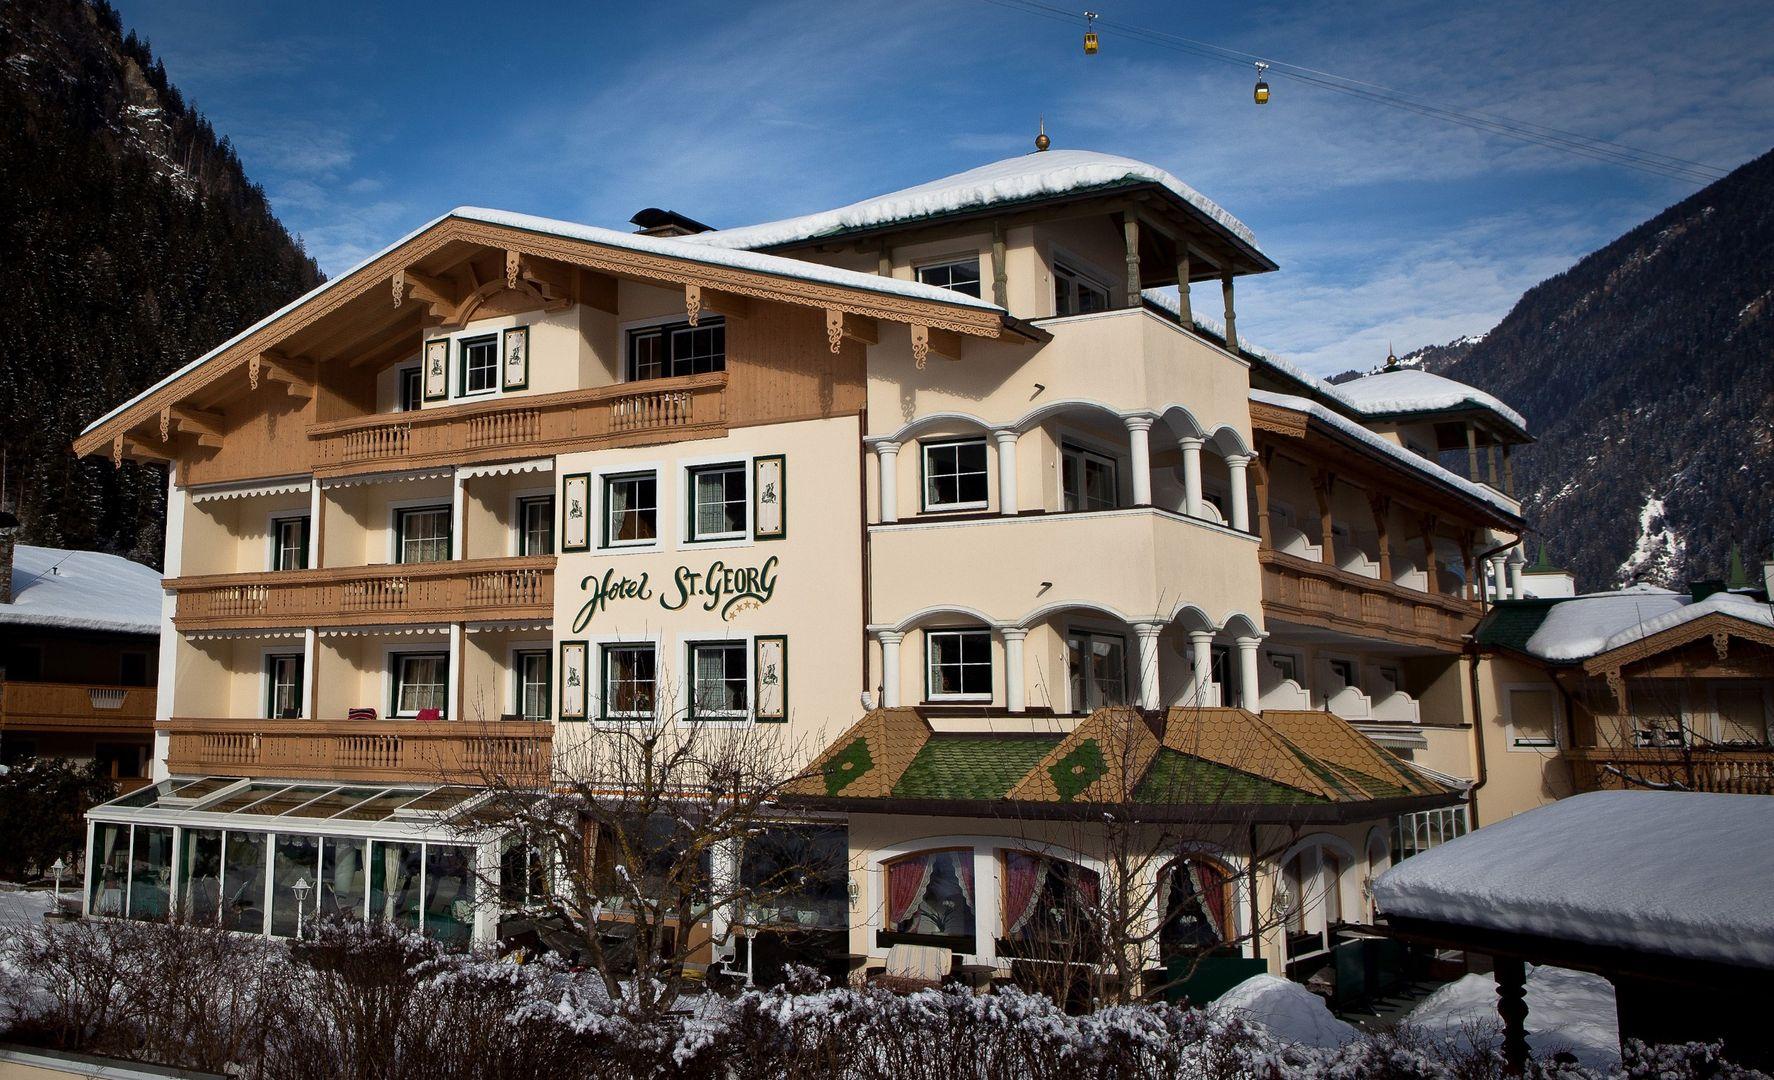 Hotel St. Georg - Slide 1